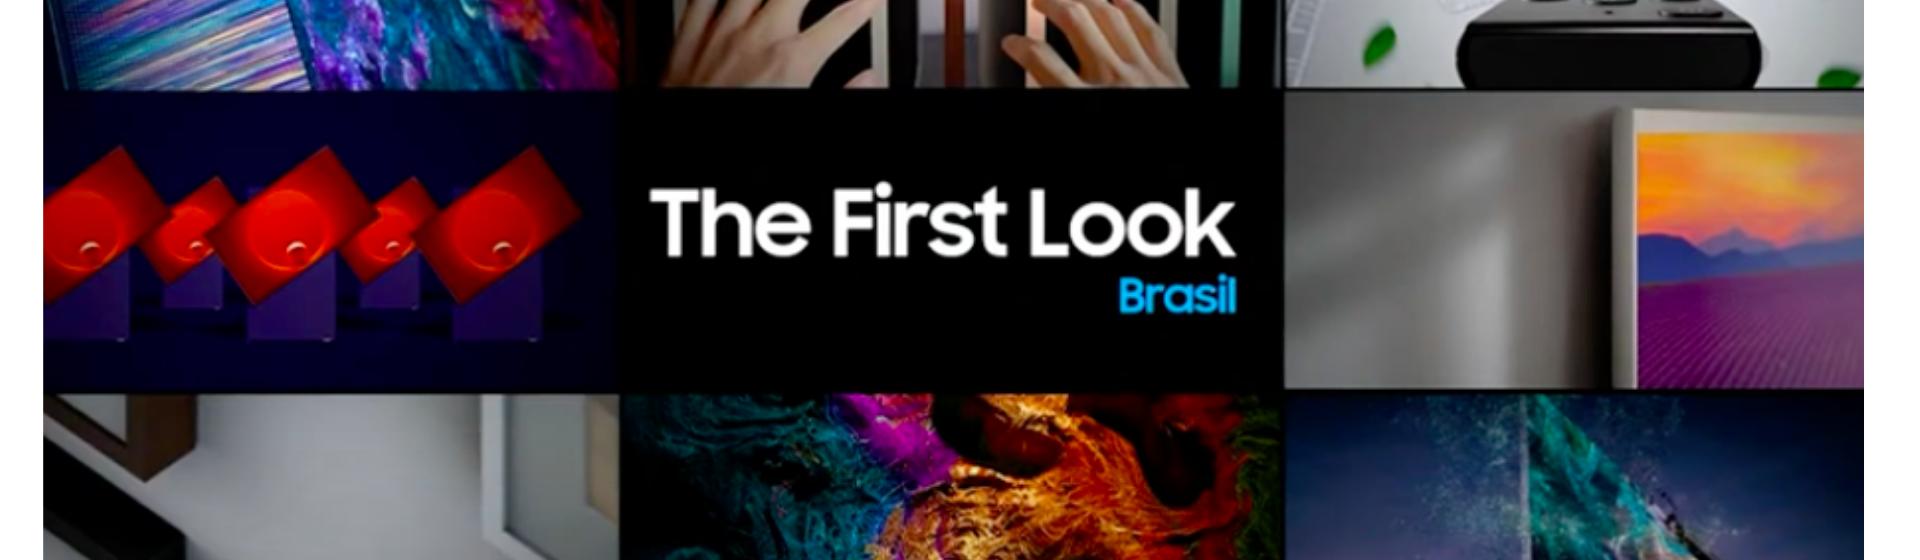 Samsung apresenta lançamentos de TVs e áudio em evento online